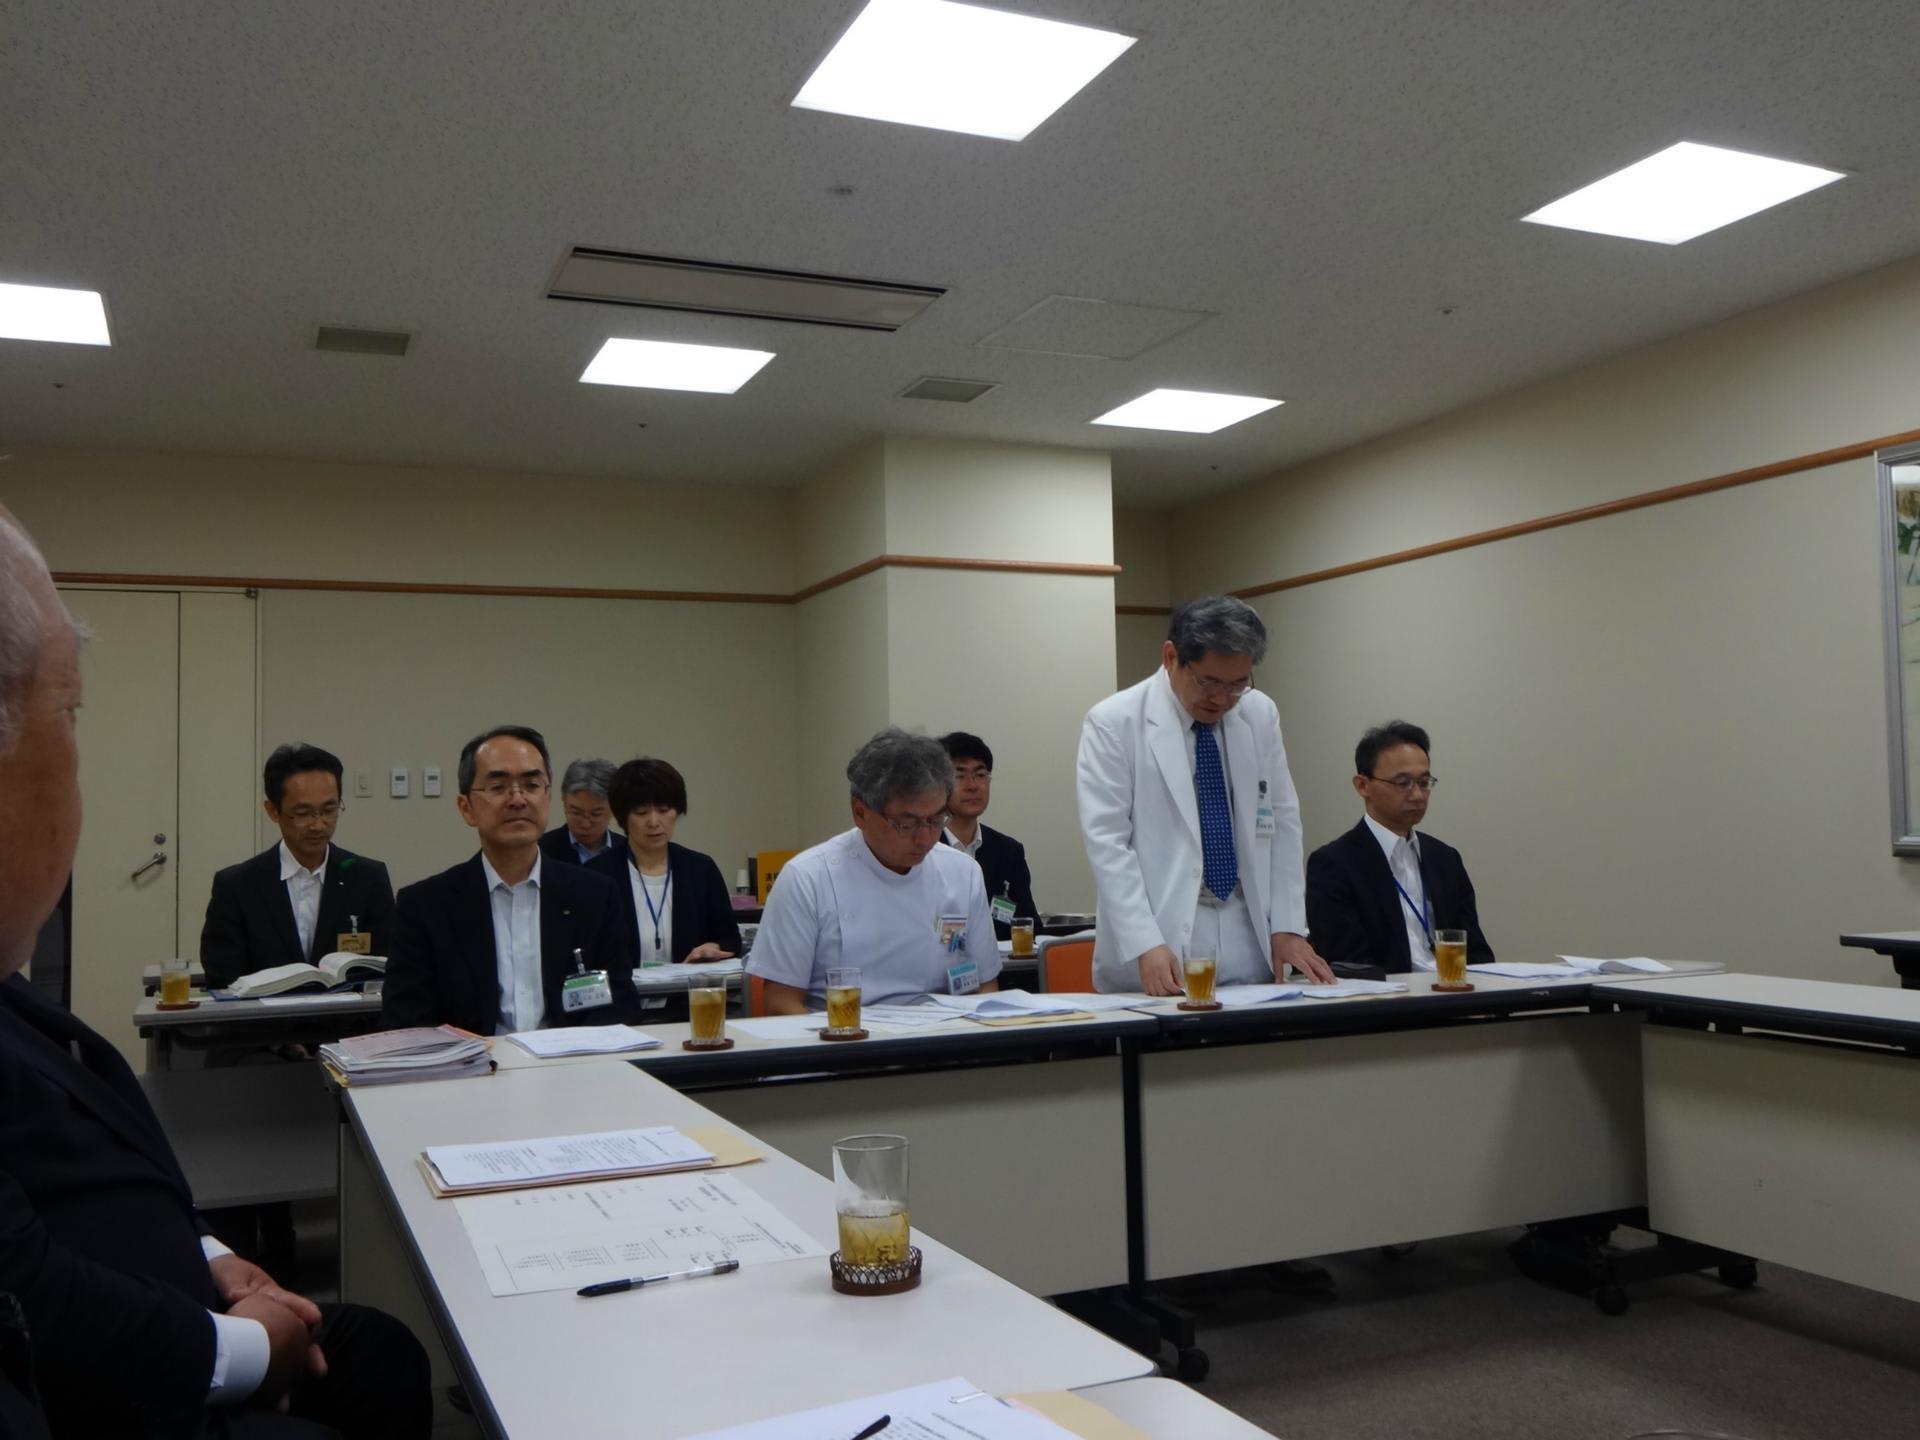 がん対策推進検討委員会が県立中央病院で開催